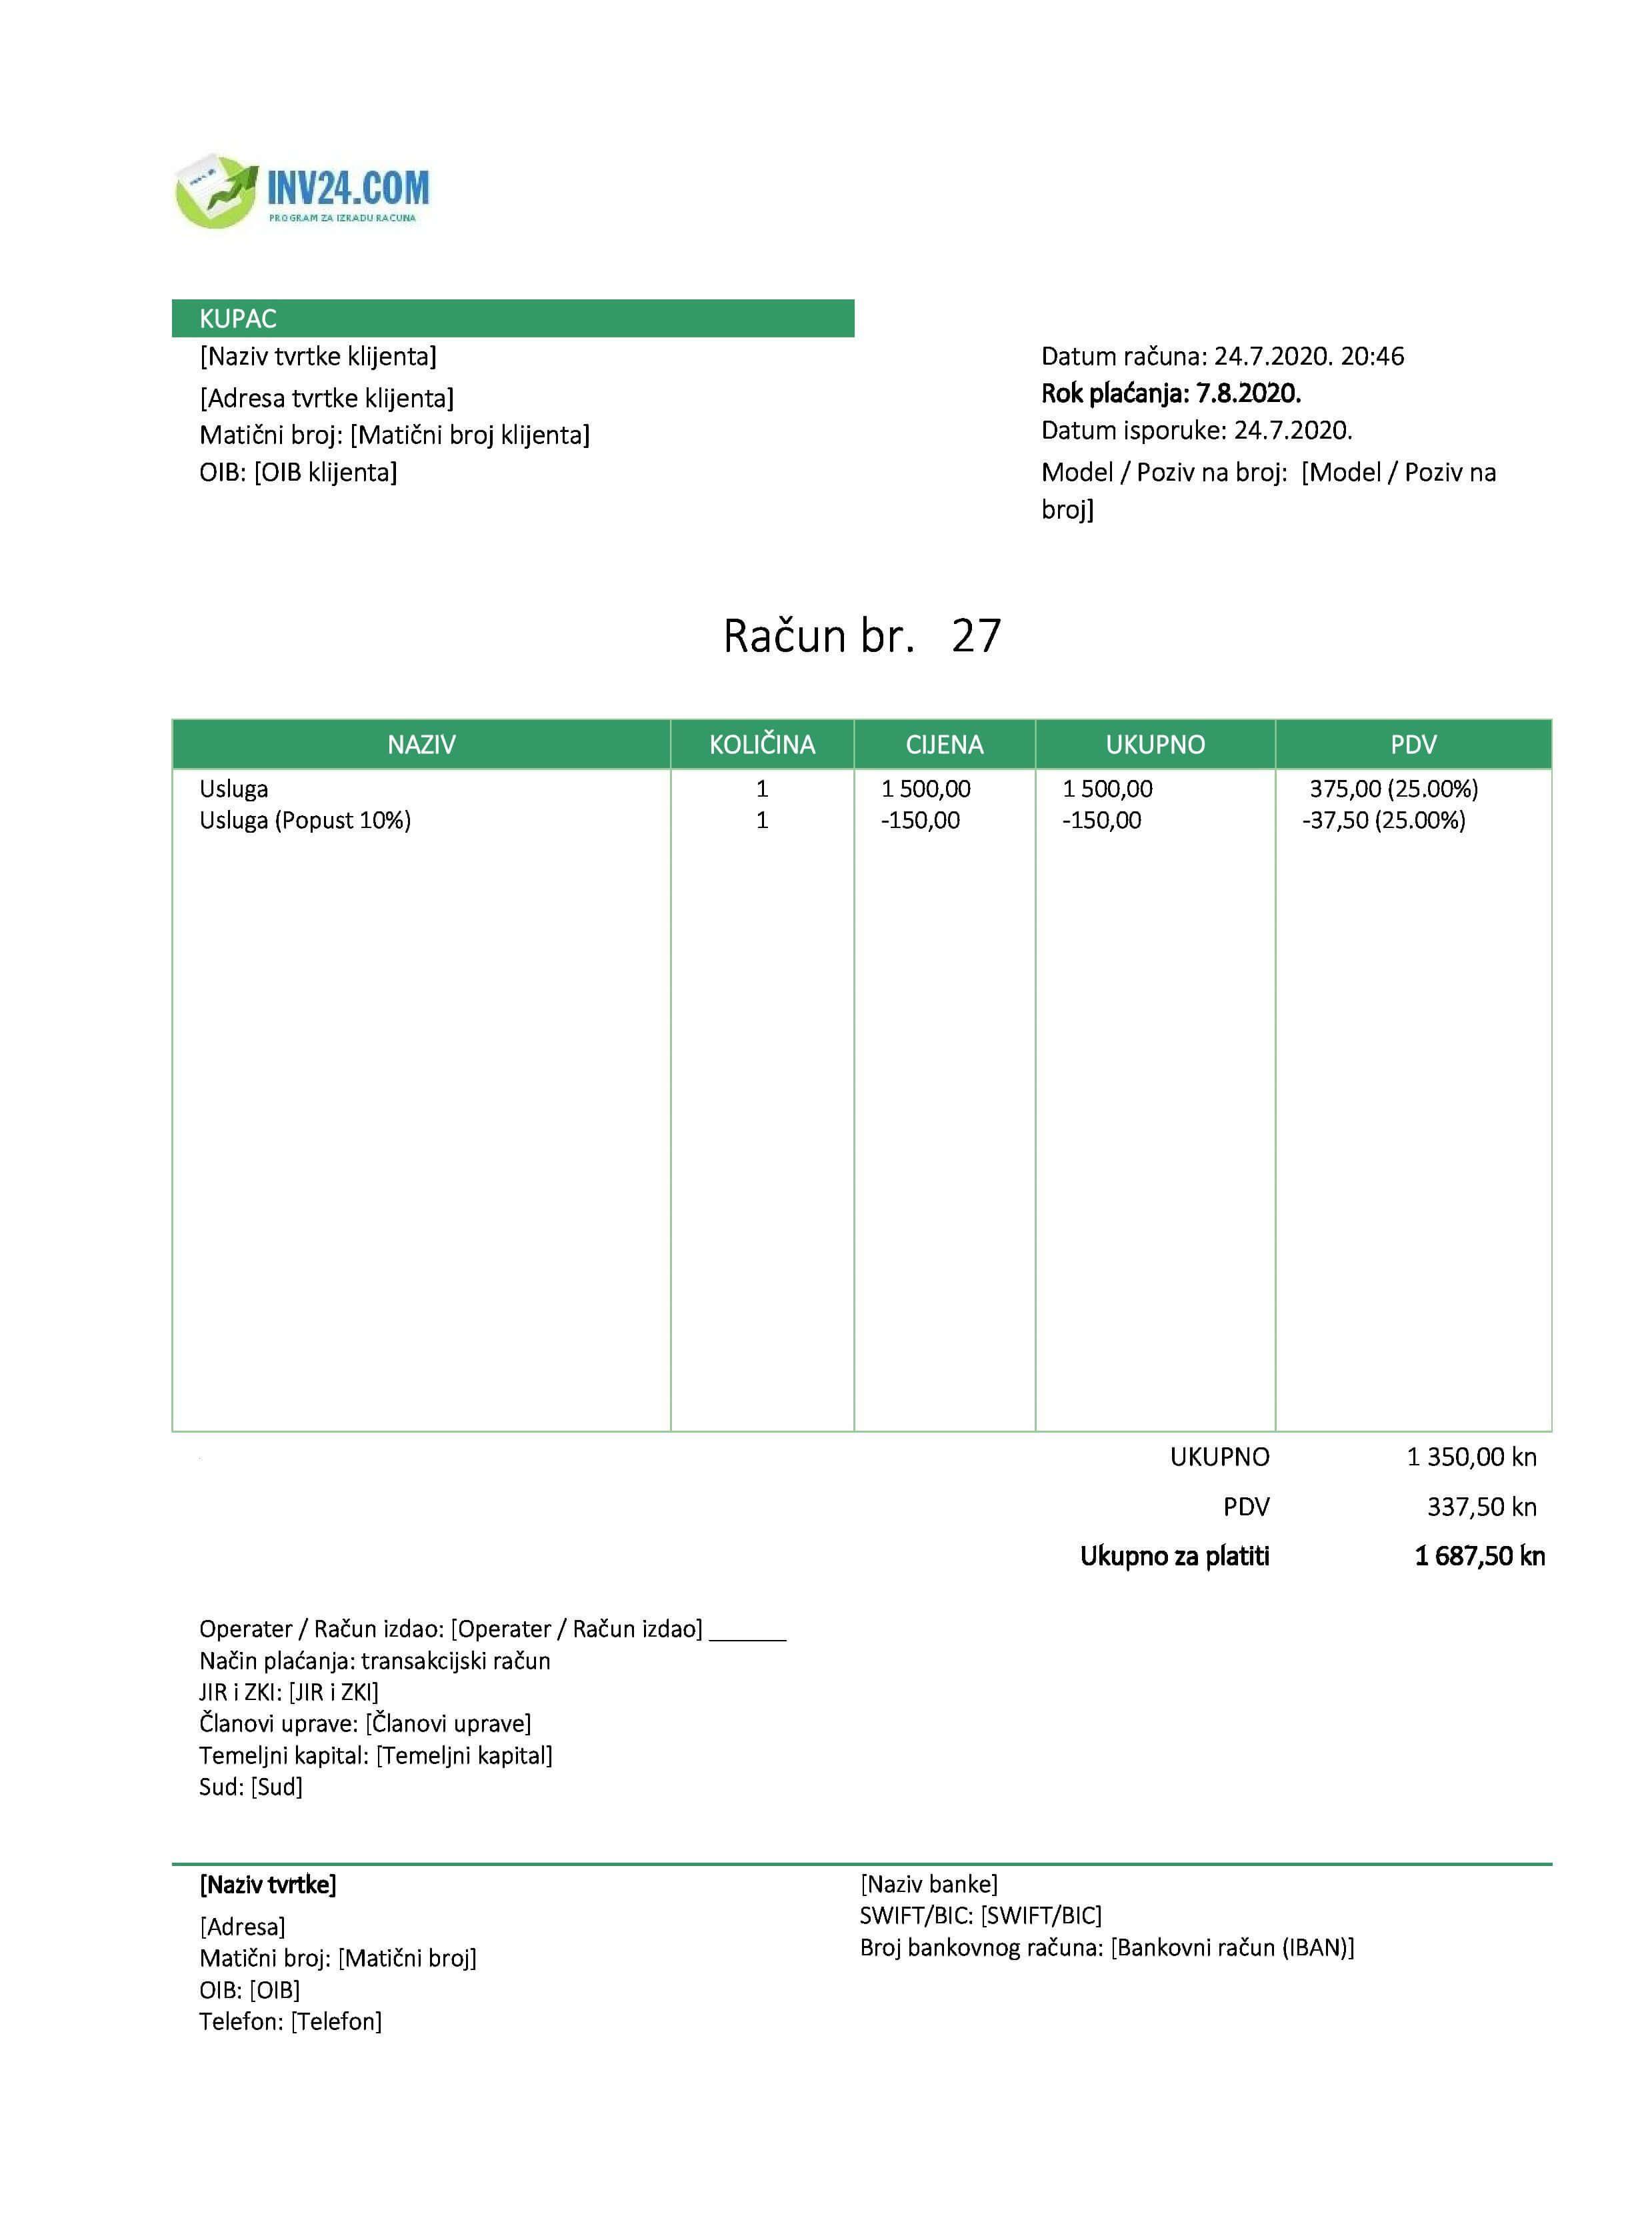 primjer fakture (računa) za usluge